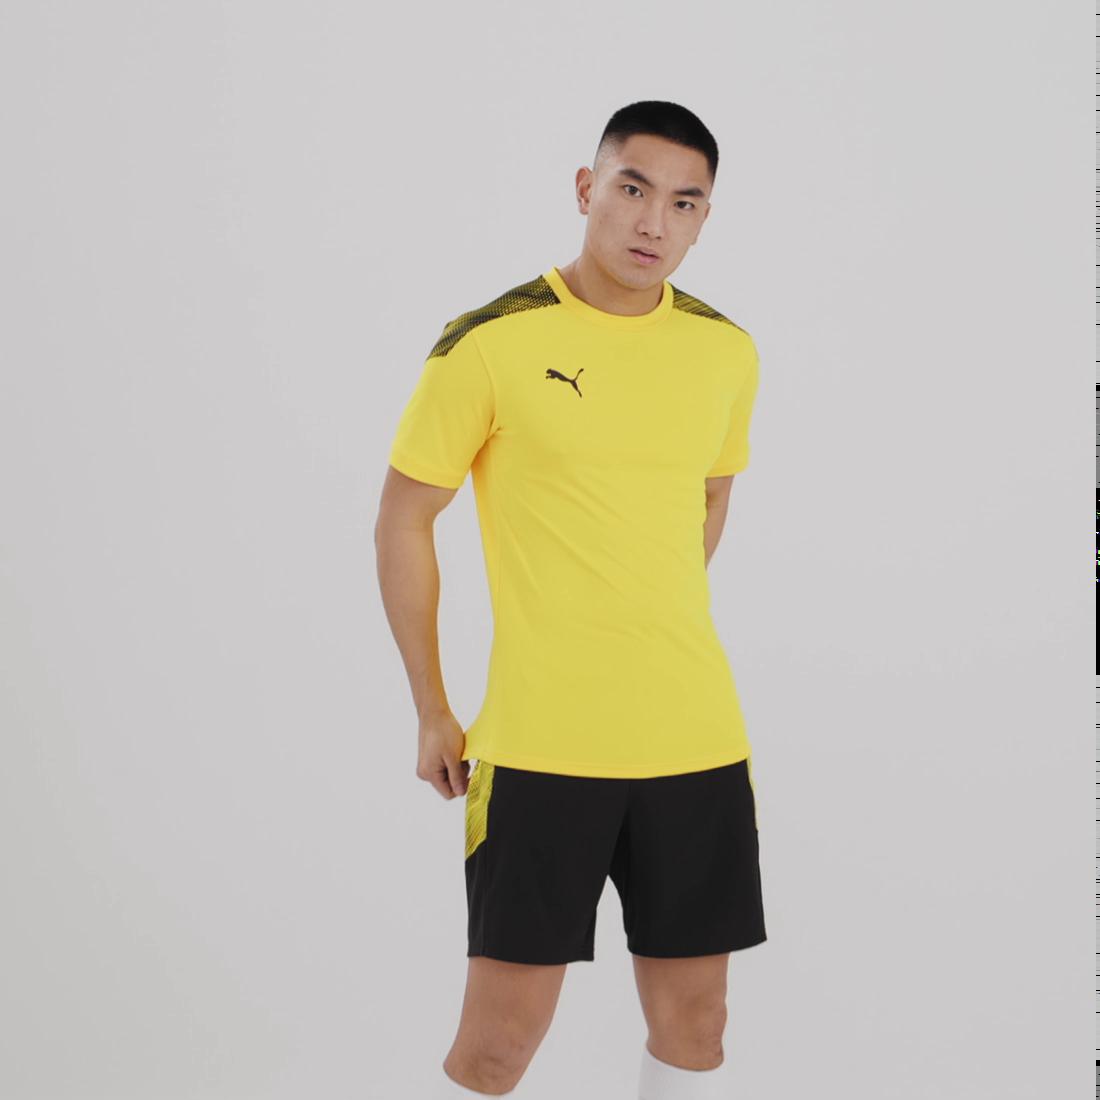 Görüntü Puma ftblNXT Pro Futbol Erkek T-Shirt #6